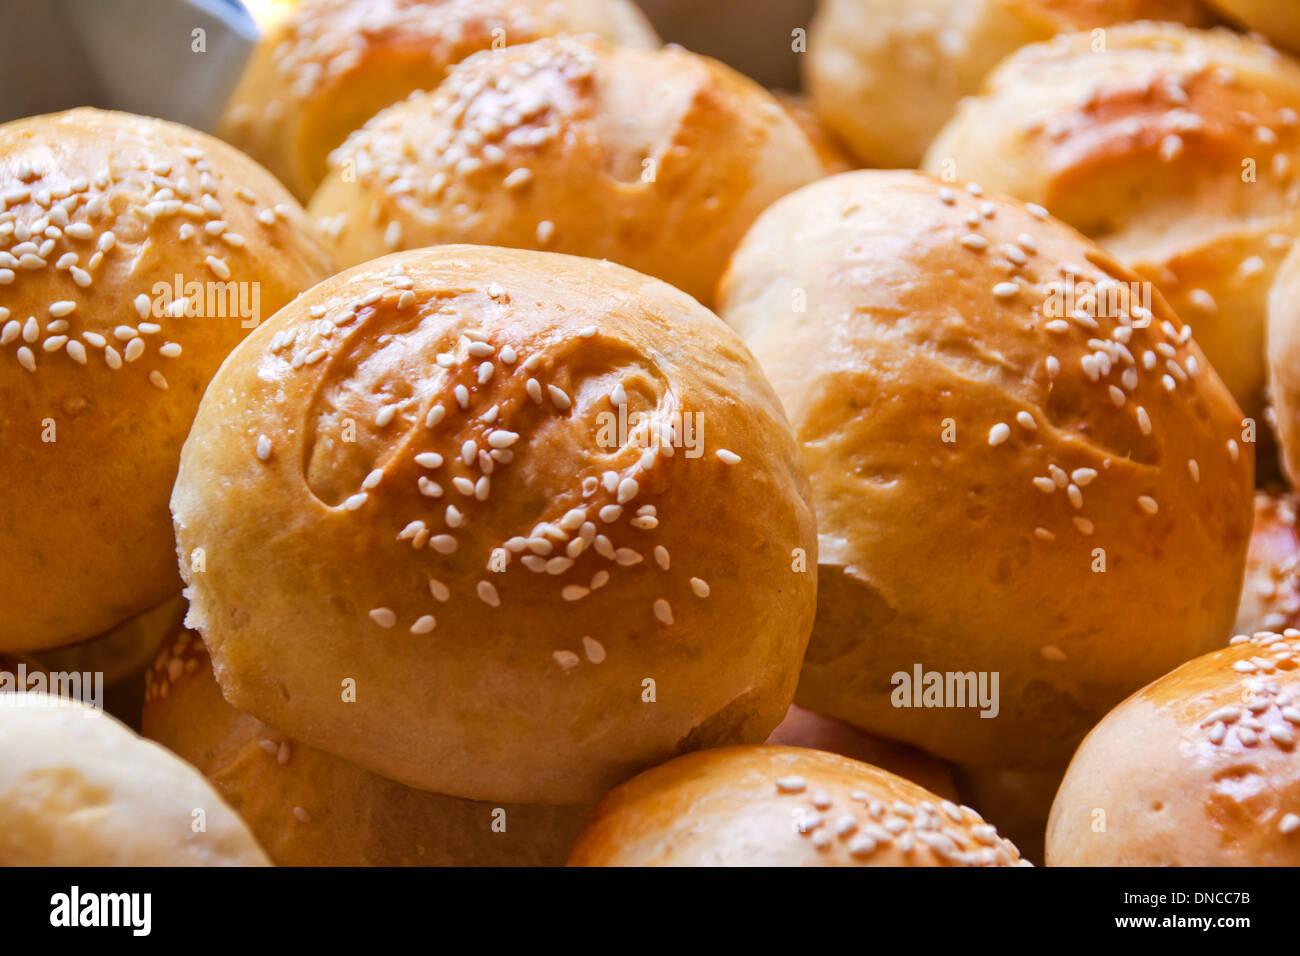 Sesam-Samen bedeckt Brötchen bereit für Essen Stockbild